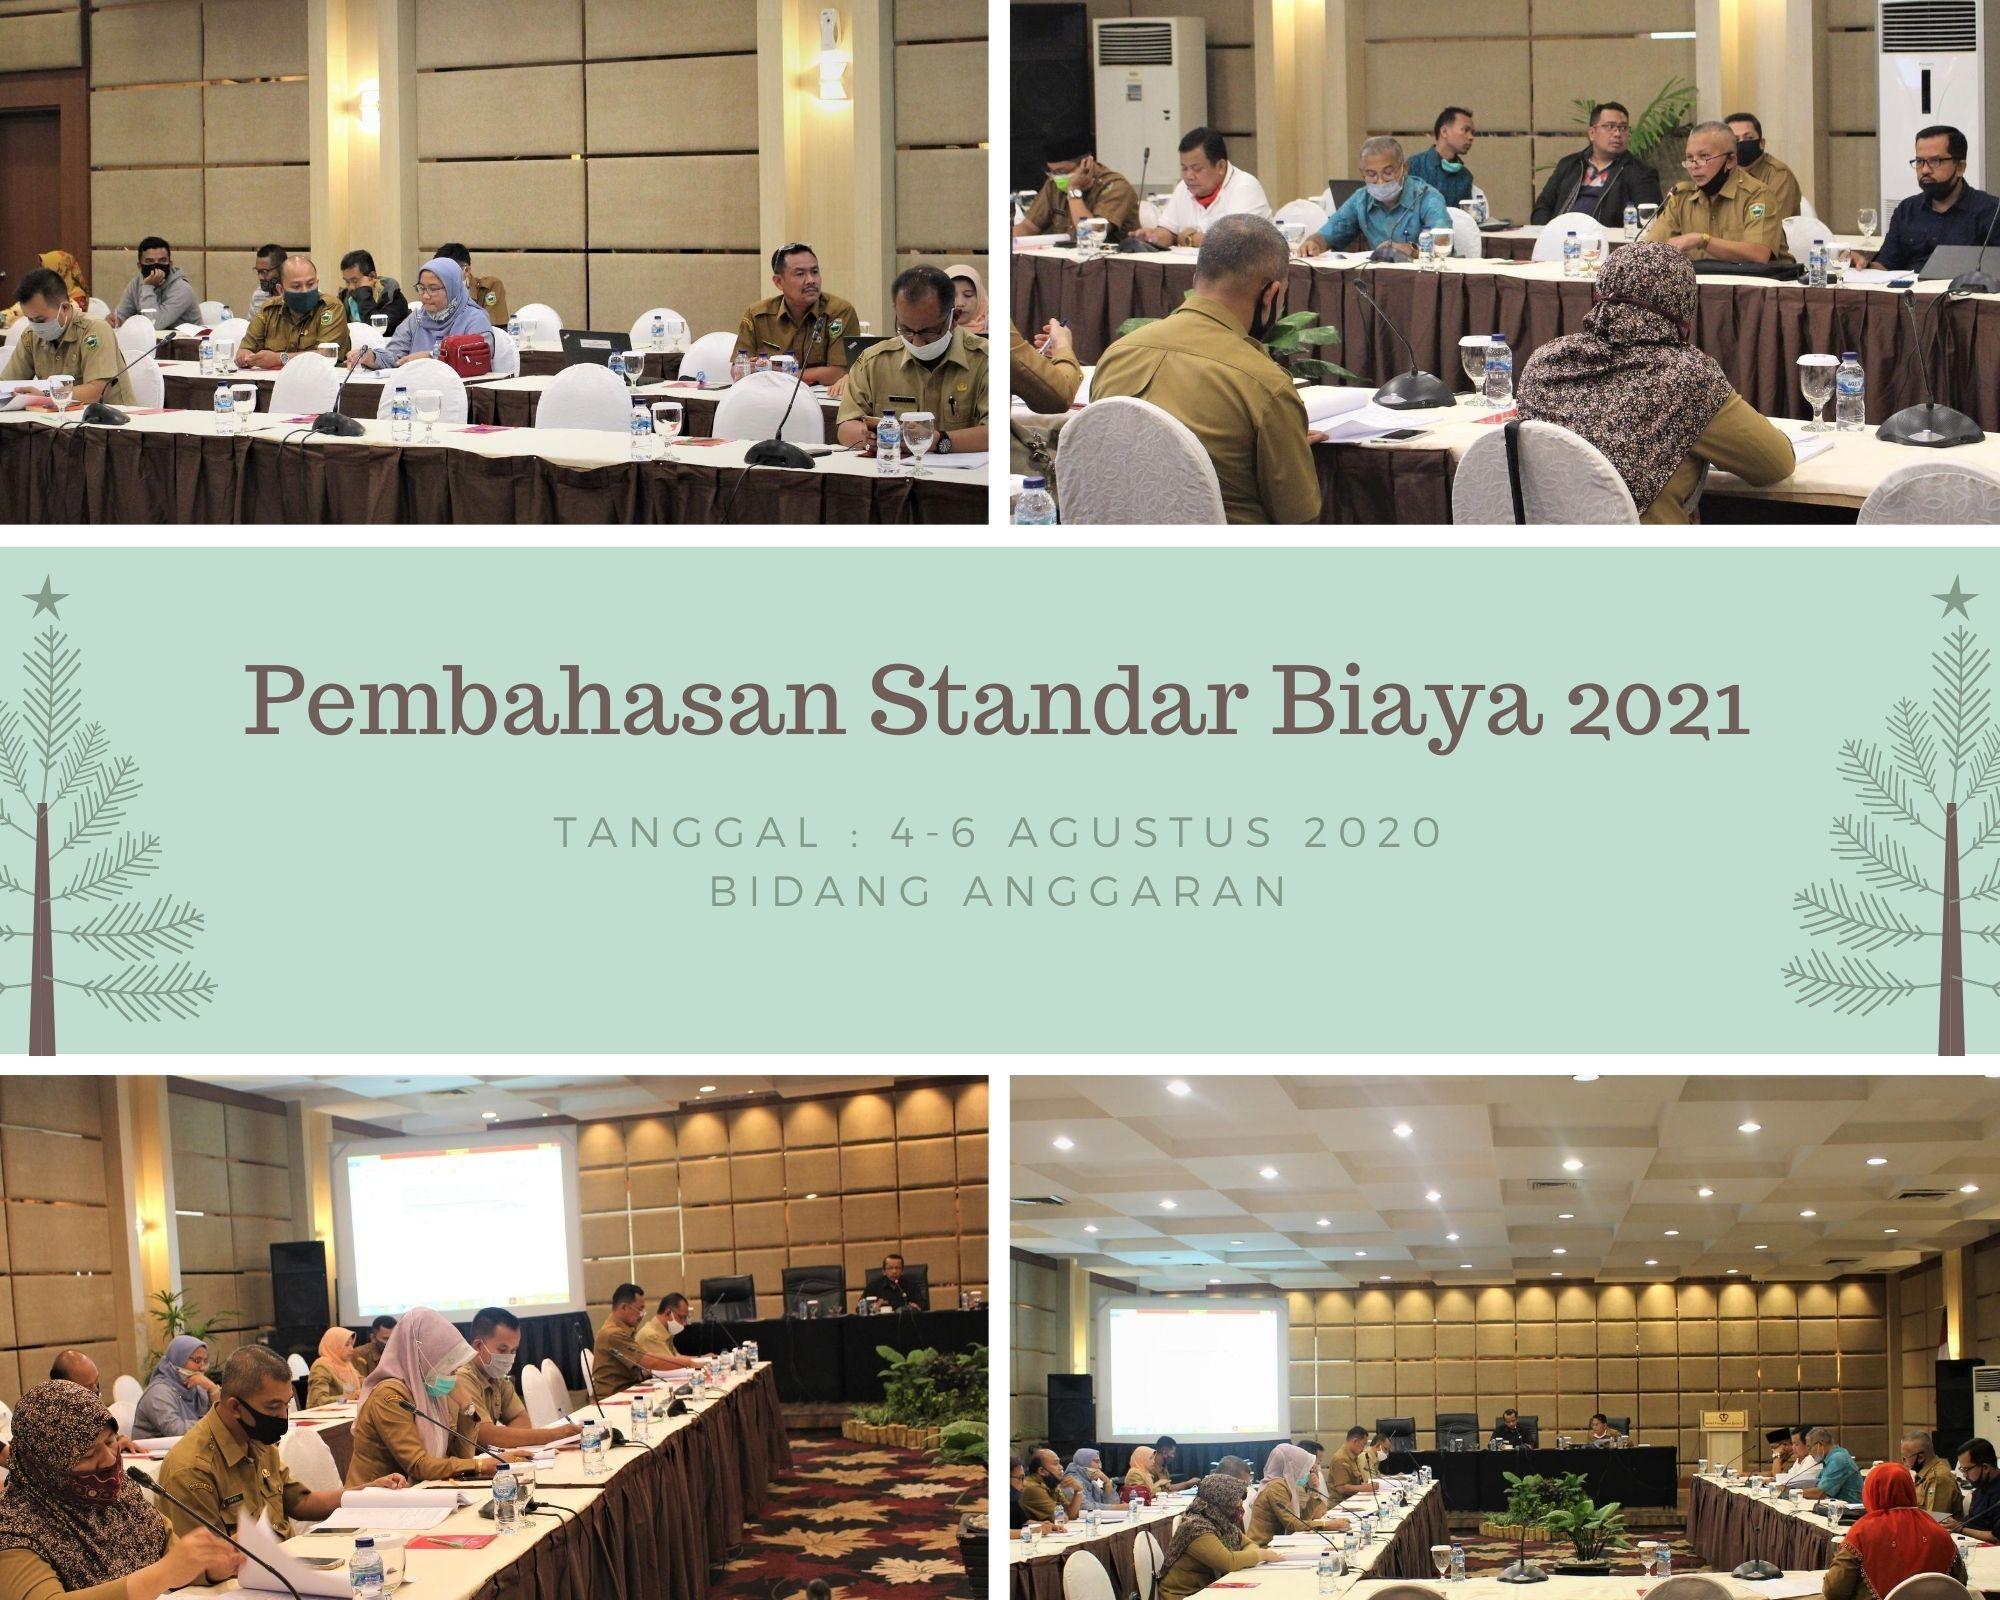 PEMBAHASAN PERBUP TENTANG STANDAR BIAYA SIPD TAHUN 2021 (SSH, SBU, HSPK DAN ASB)